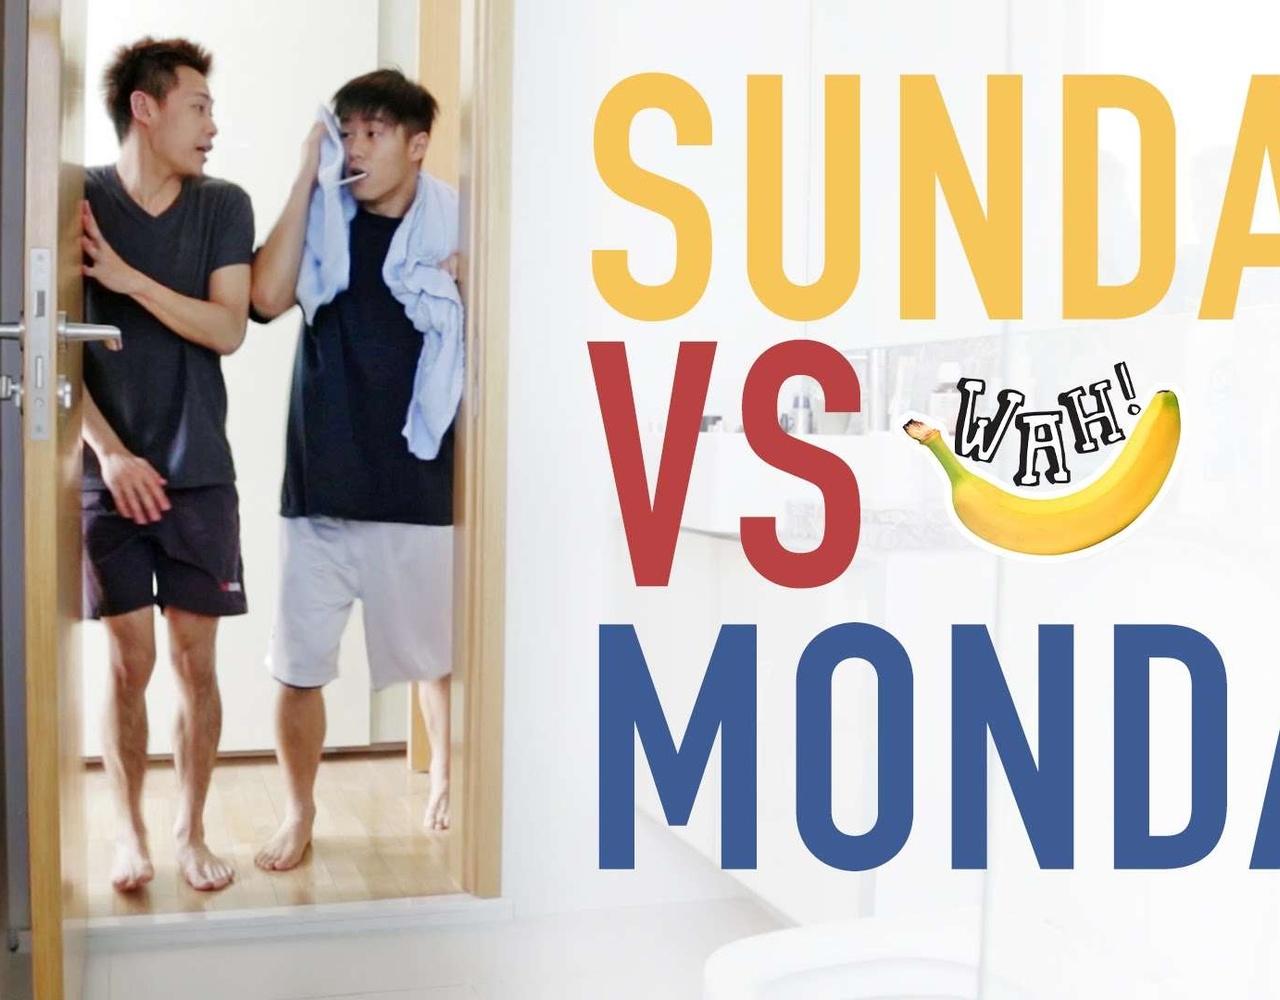 周日 vs 周一